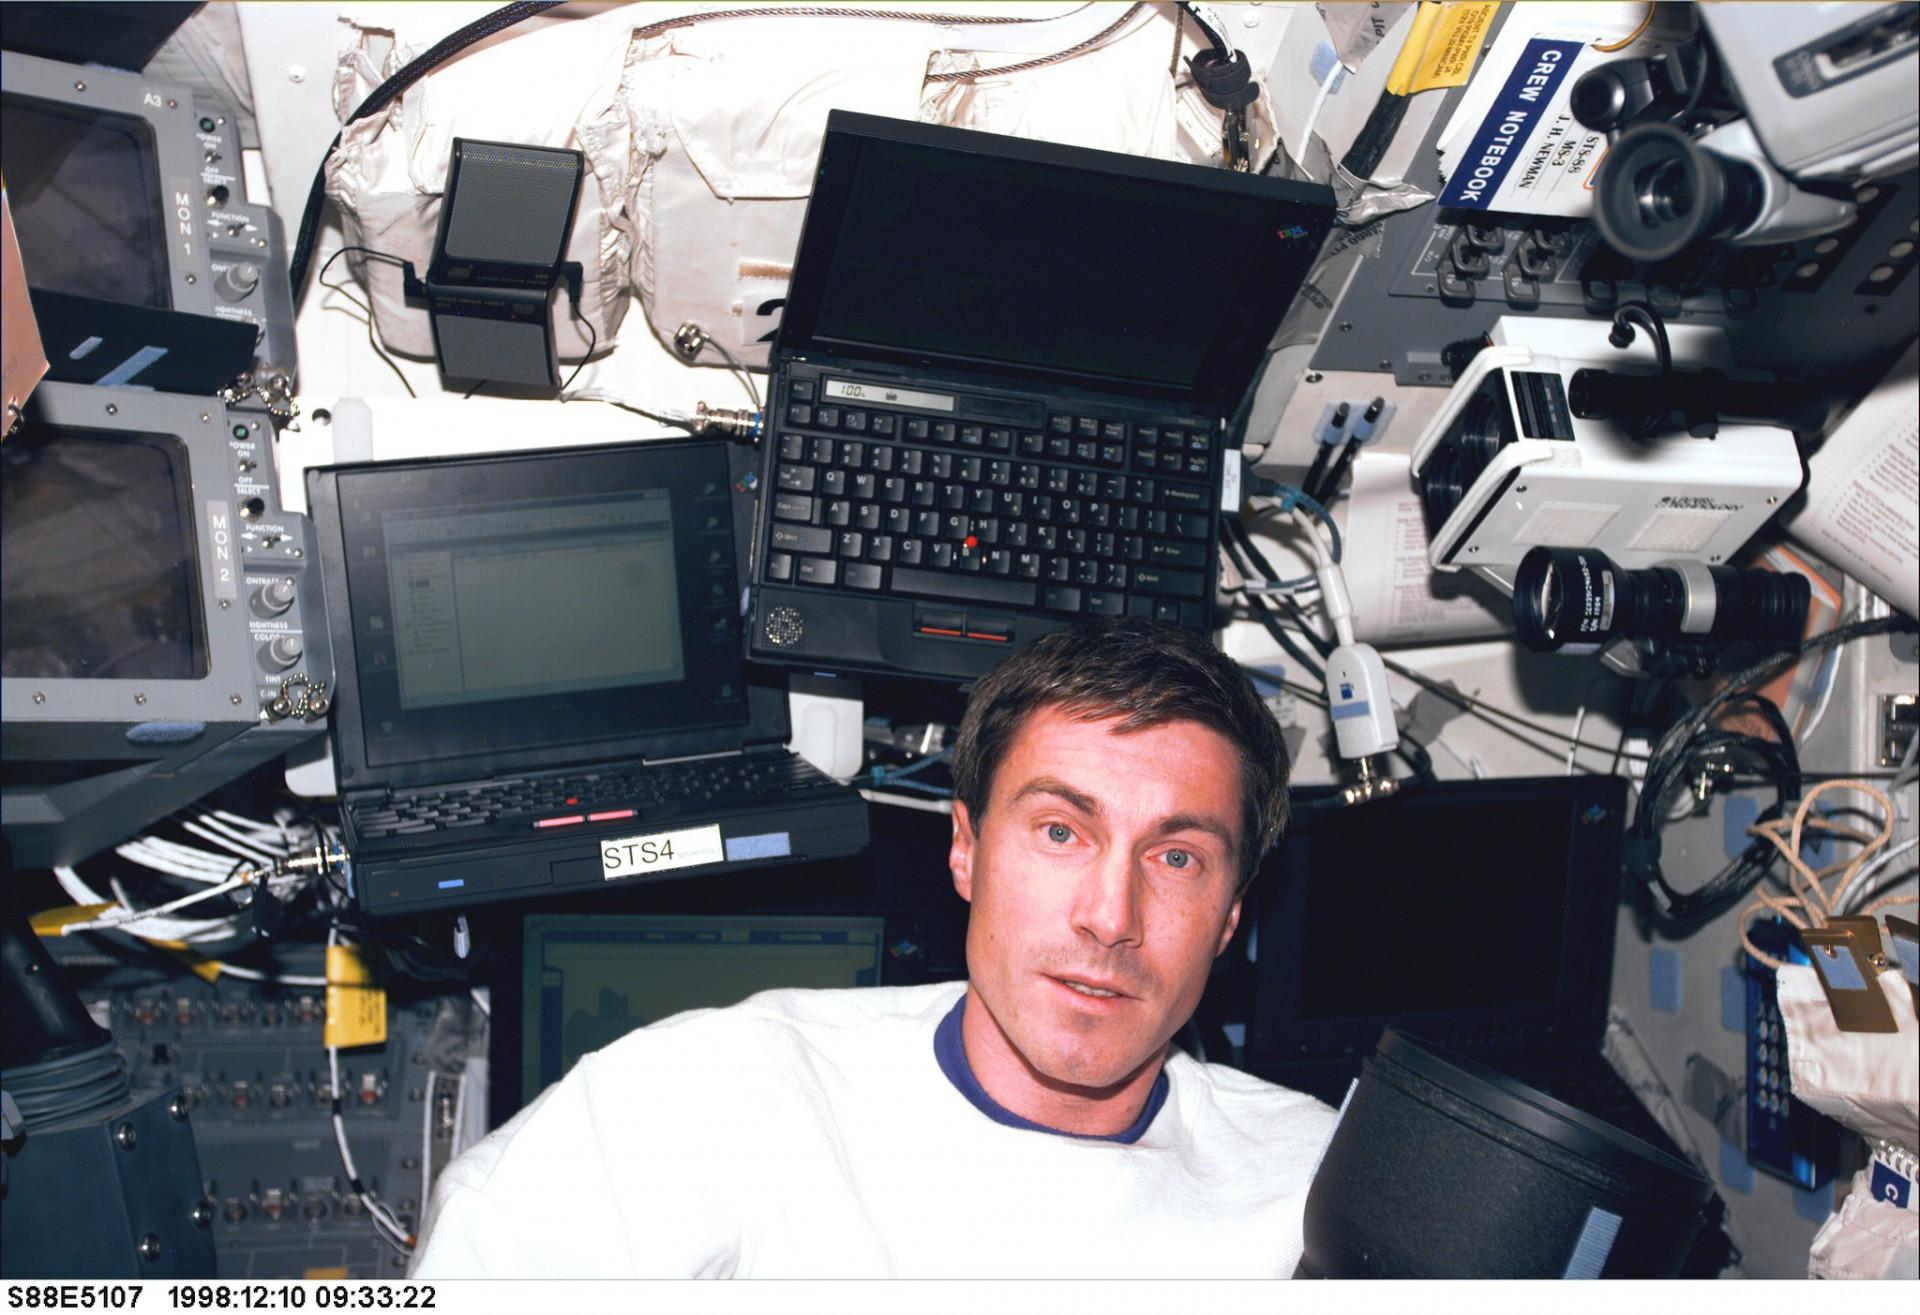 Ele só voltou para a Terra em 1992, após o fim da URSS. A Rússia assumiu o programa espacial e entrou até dinheiro dos EUA